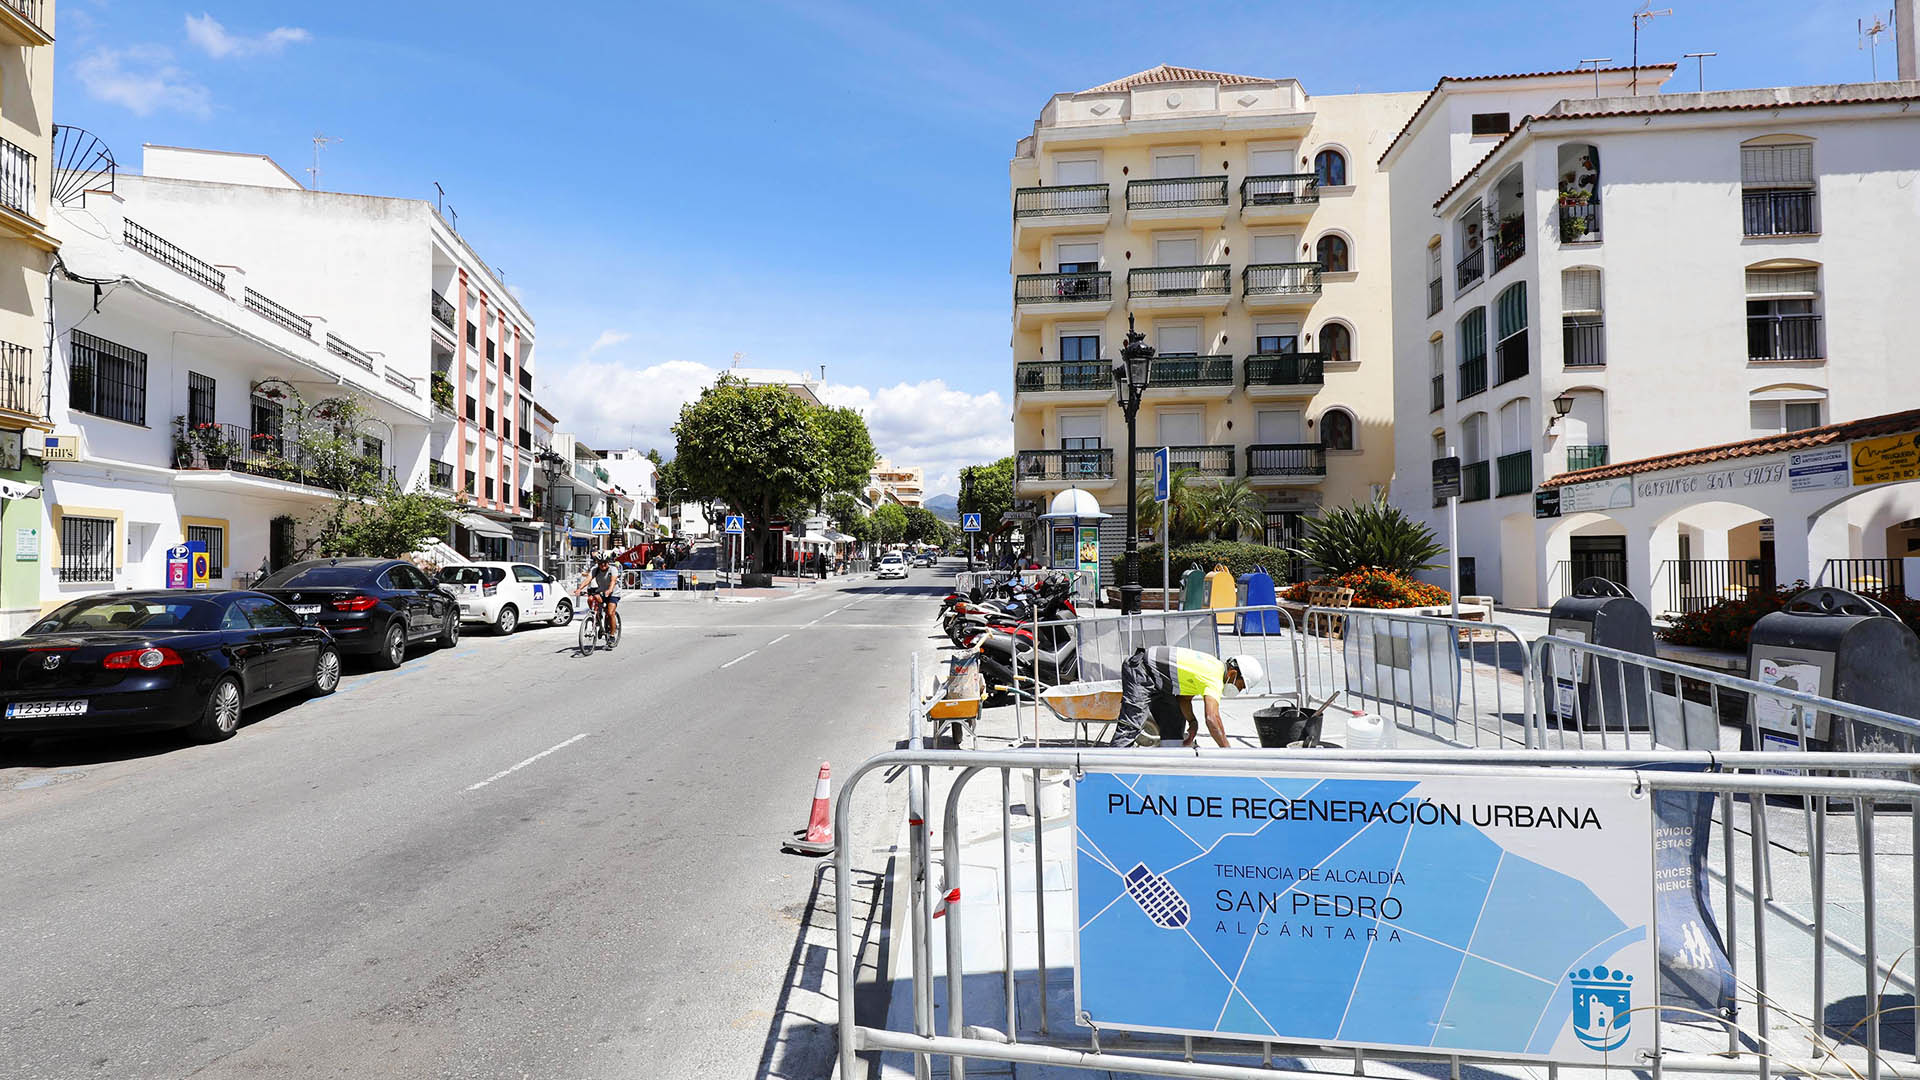 Entre otras, Avenida Pablo Ruiz Picasso y Calle Lagasca, renovarán su asfalto la próxima semana